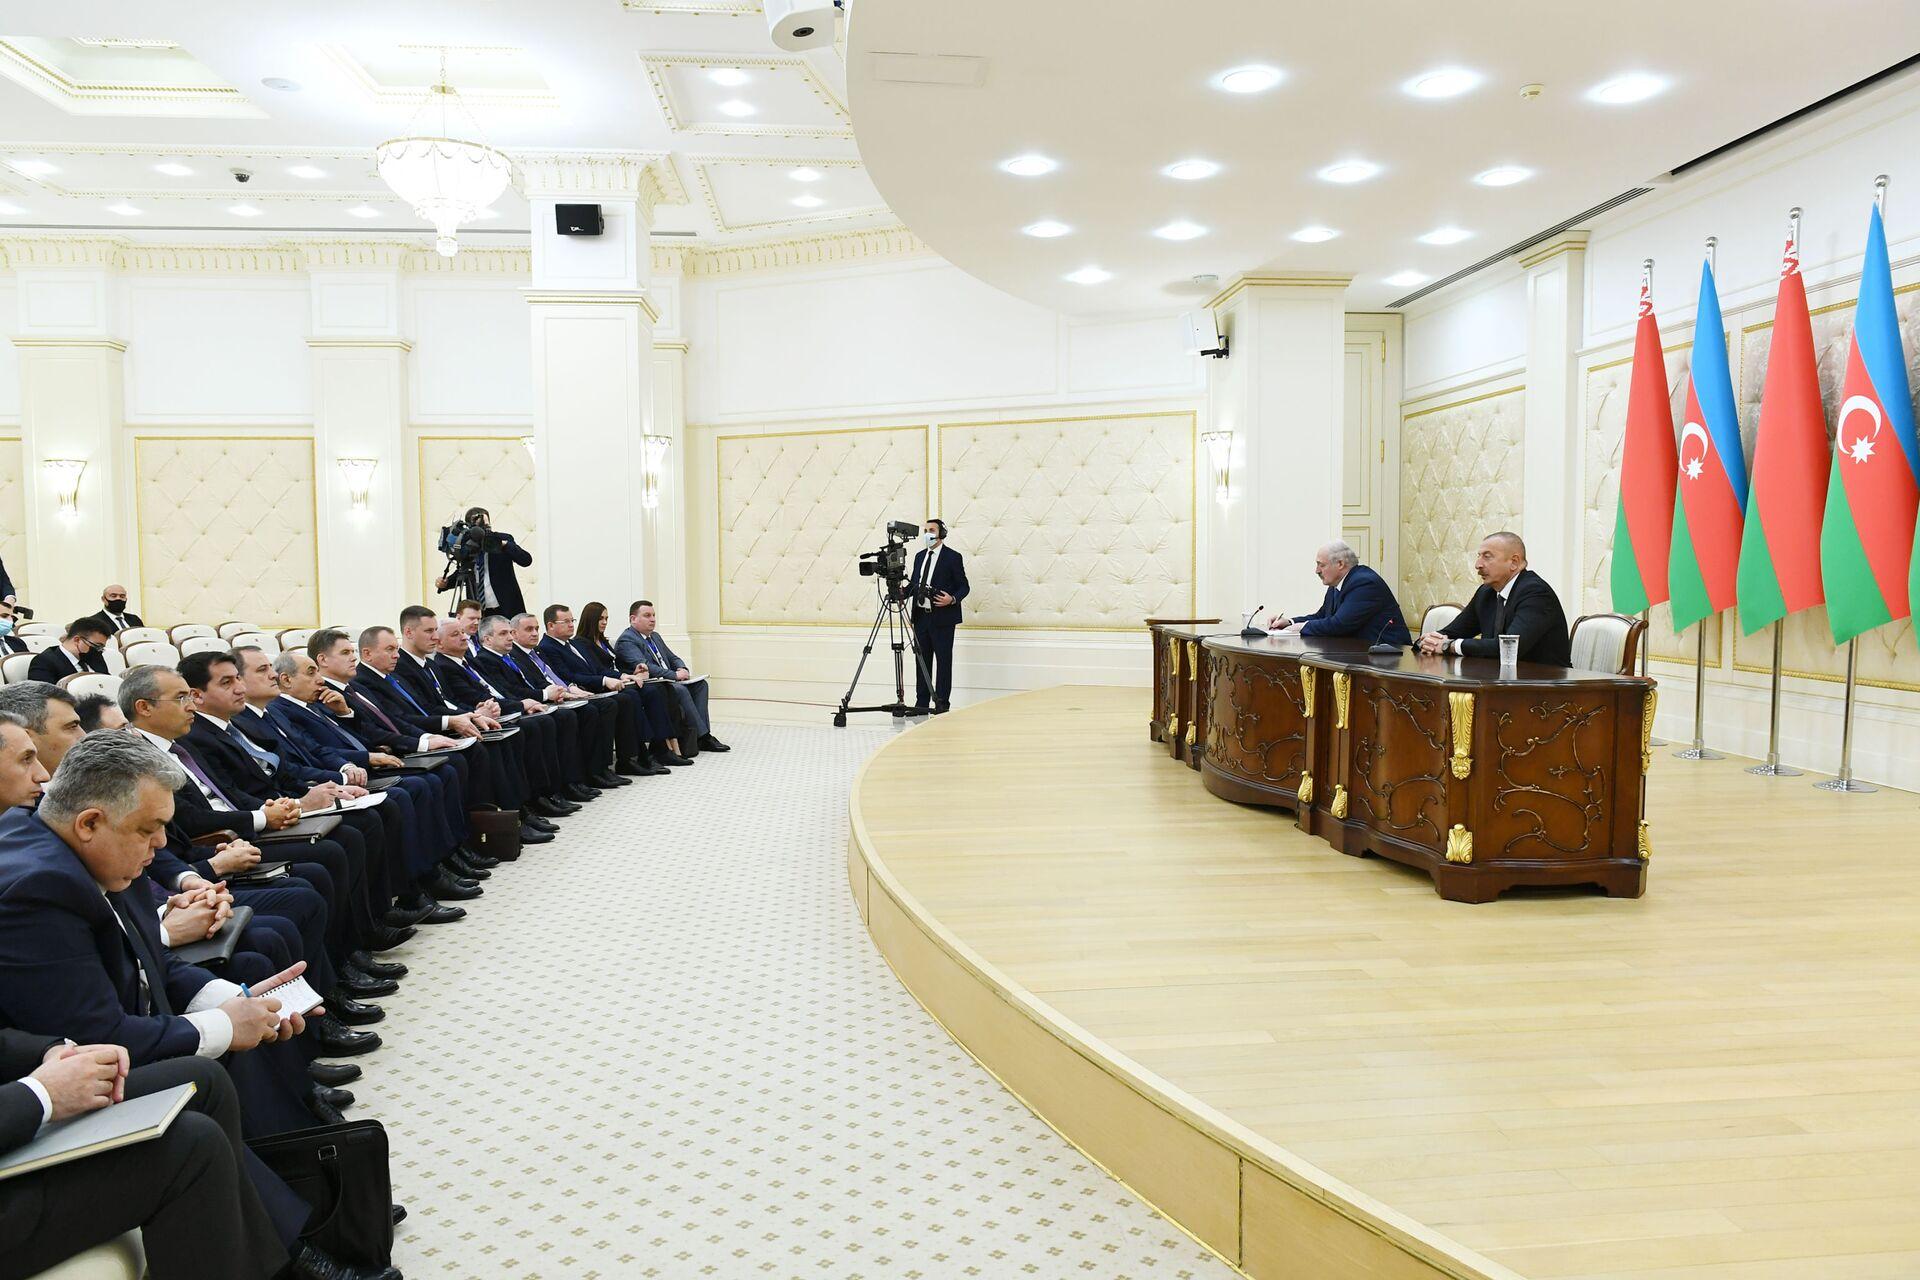 Азербайджан и Беларусь продолжат сотрудничество и поддержку - заявления глав государств - Sputnik Азербайджан, 1920, 15.04.2021